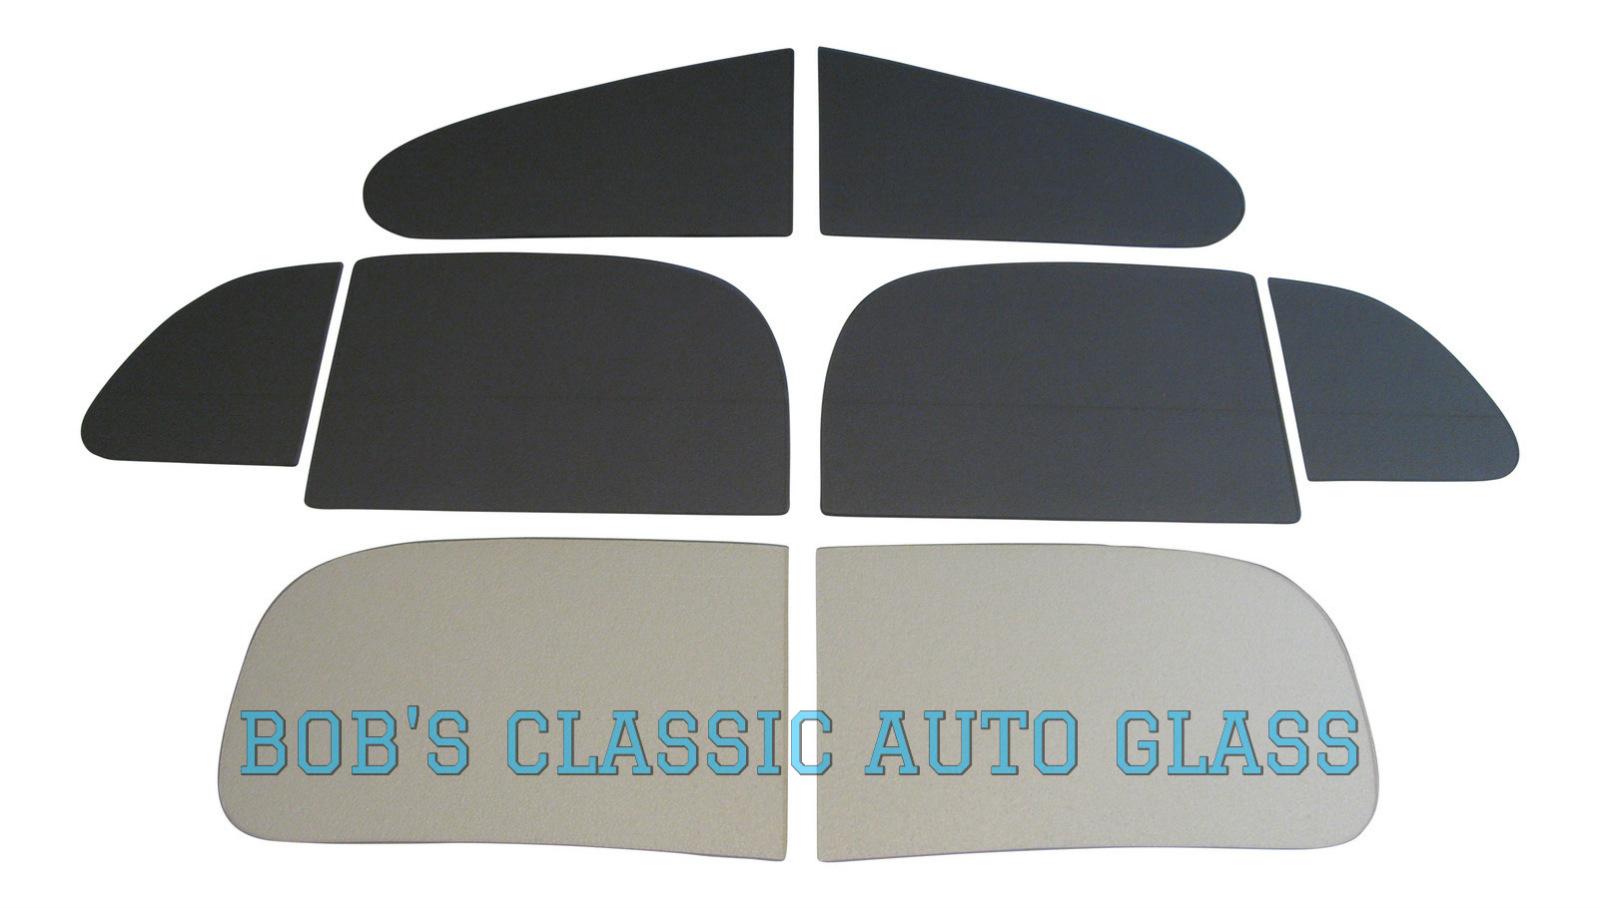 1941 Desoto Custom Convertible Coupe Classic Auto